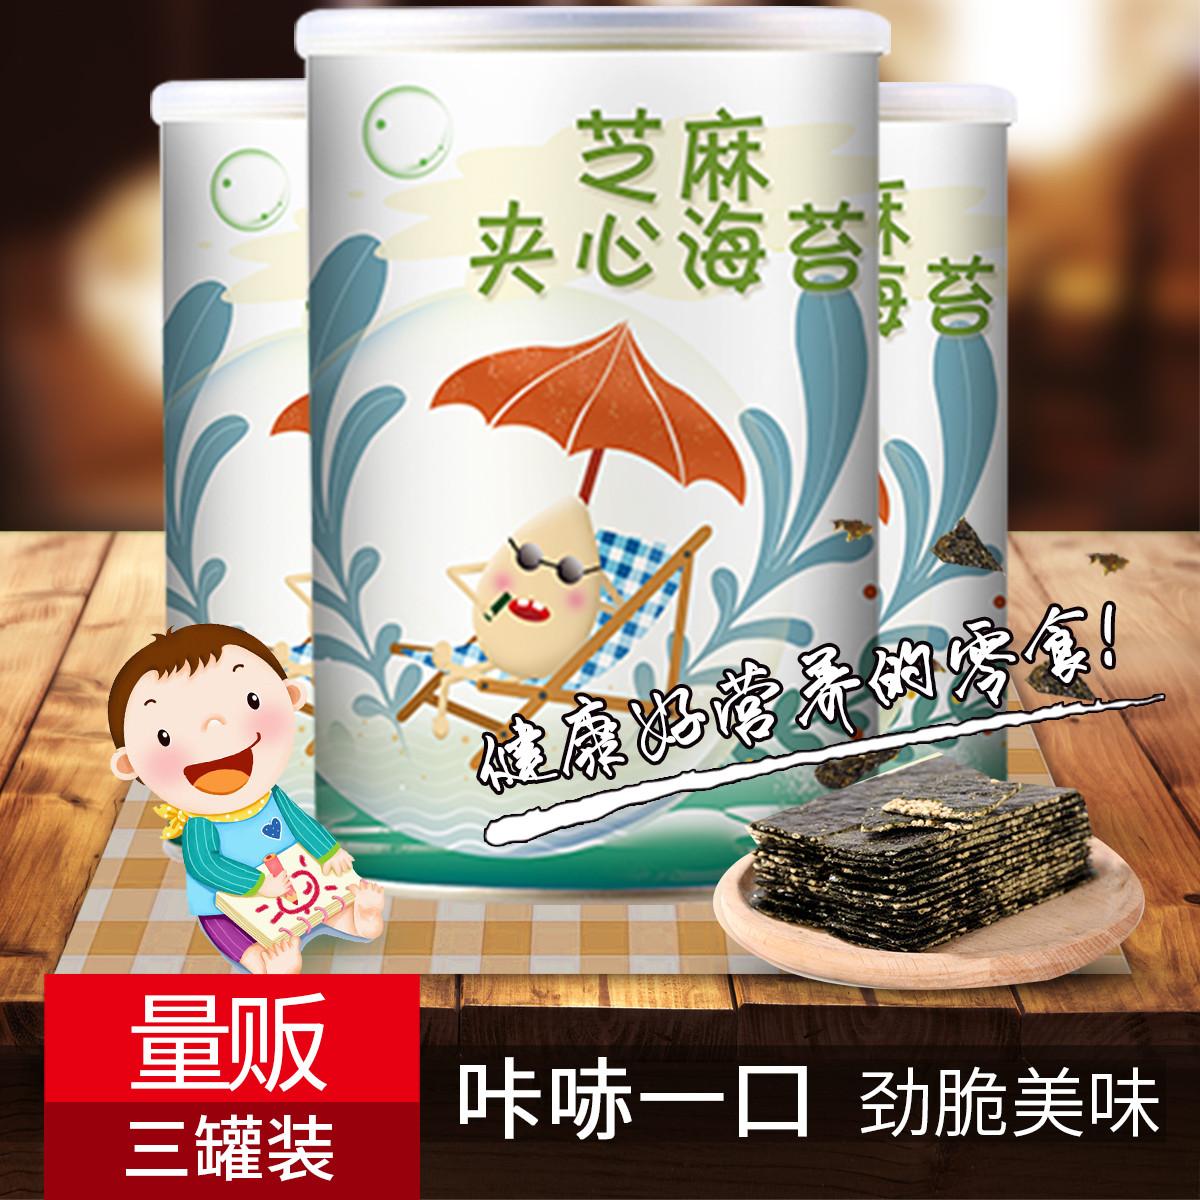 苏兰亭芝麻夹心海苔夹心脆儿童海苔紫菜寿司海苔即食海苔脆52g*3罐COLOR其它颜色